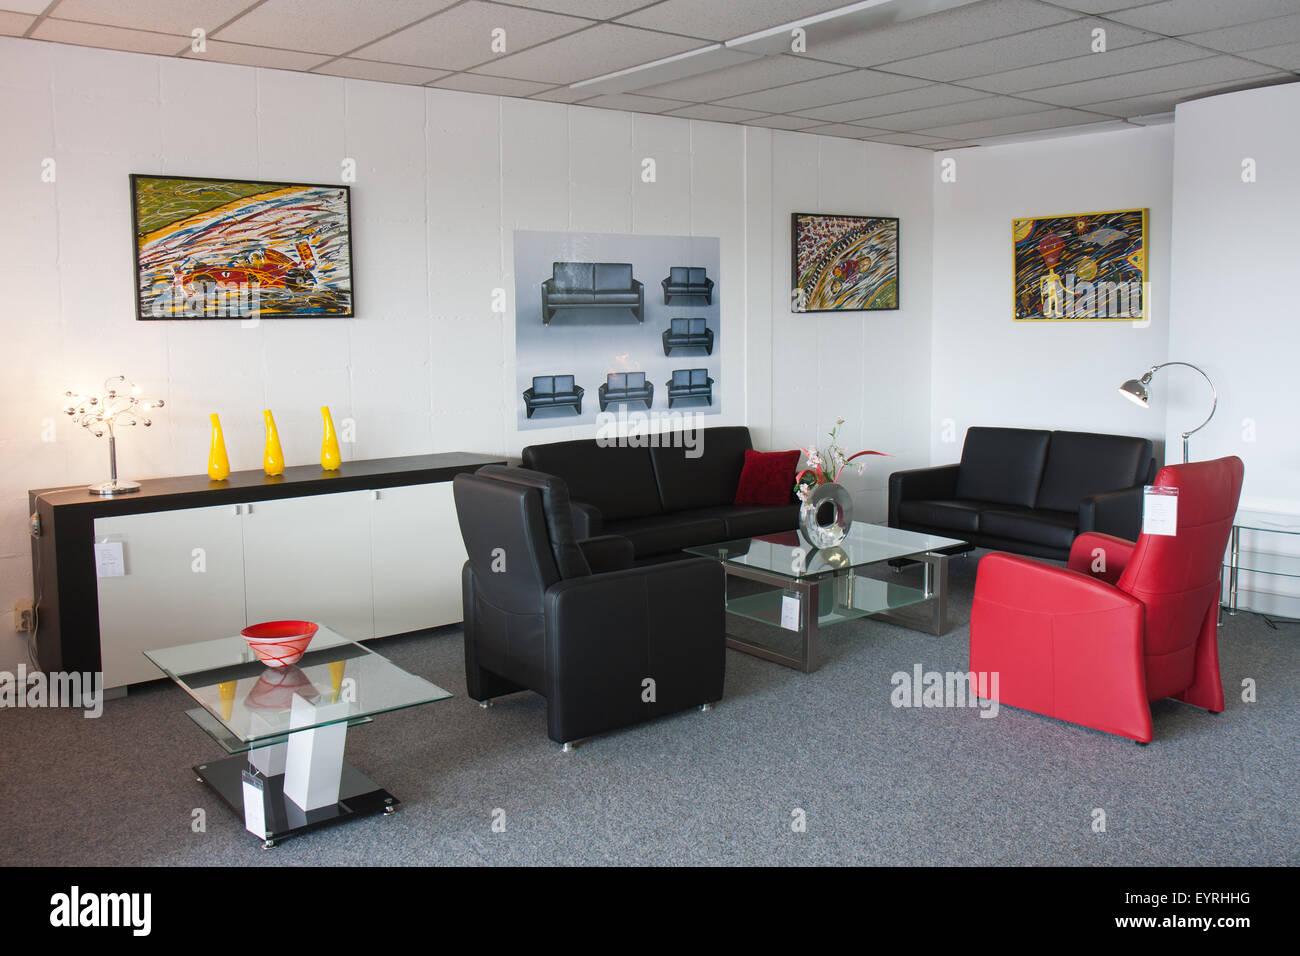 Showroom of modern furniture